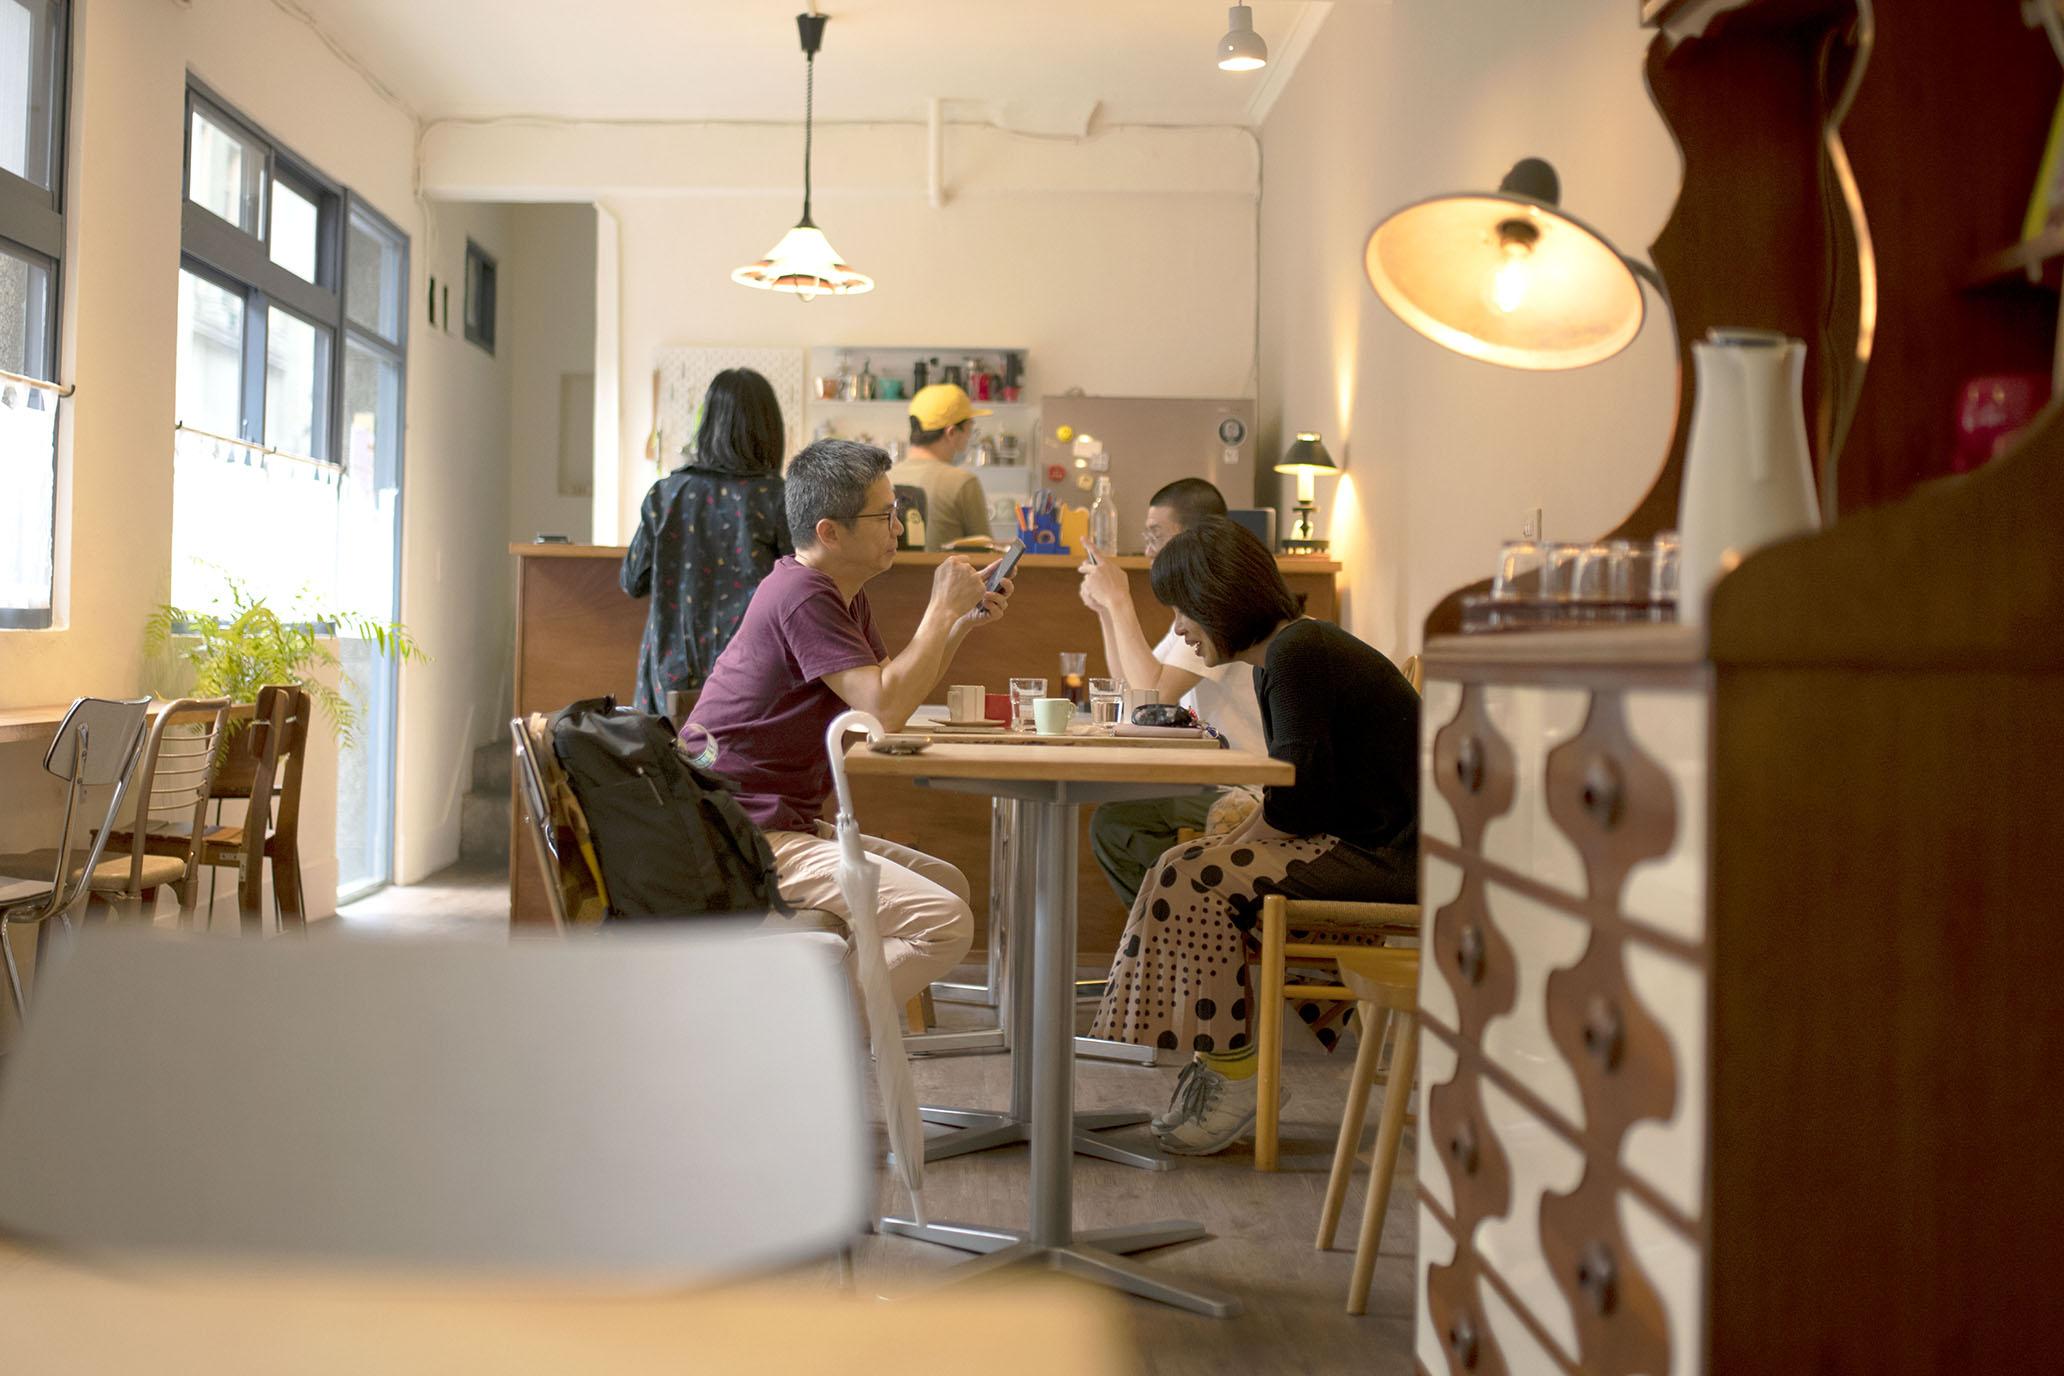 過去的我們,陪伴現在我的每一天|台北 Ichijiku Cafe & Living